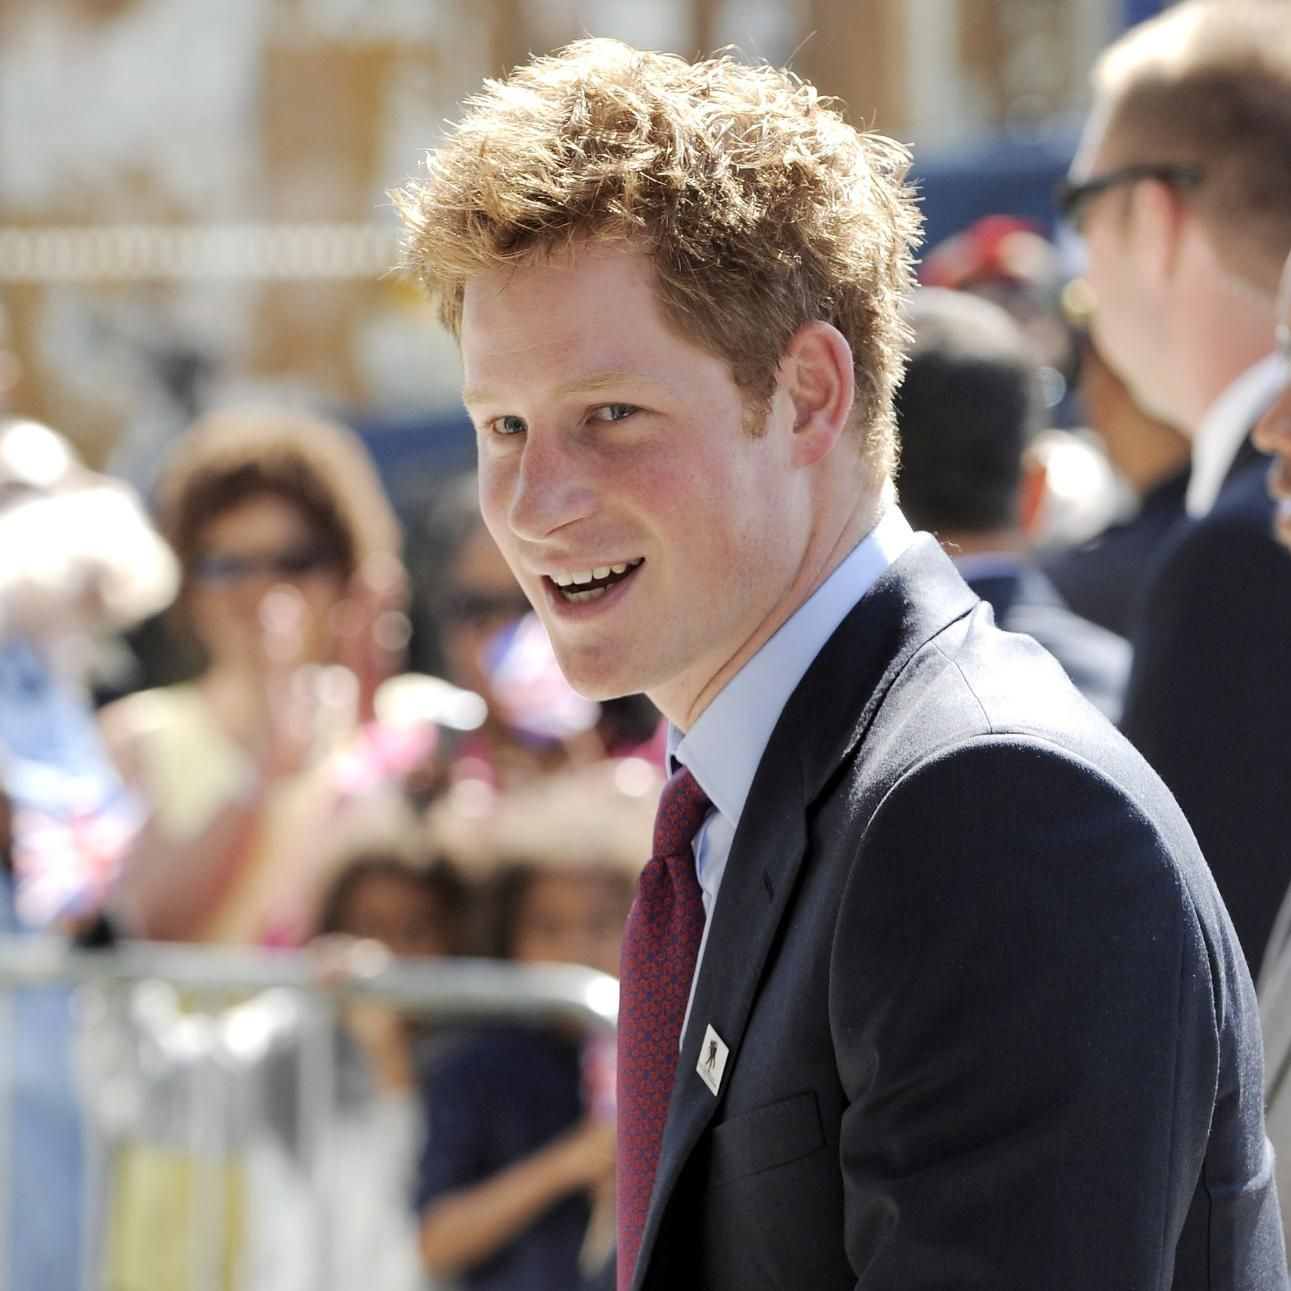 Кралското семейство отказа коментар за голите снимки на Хари